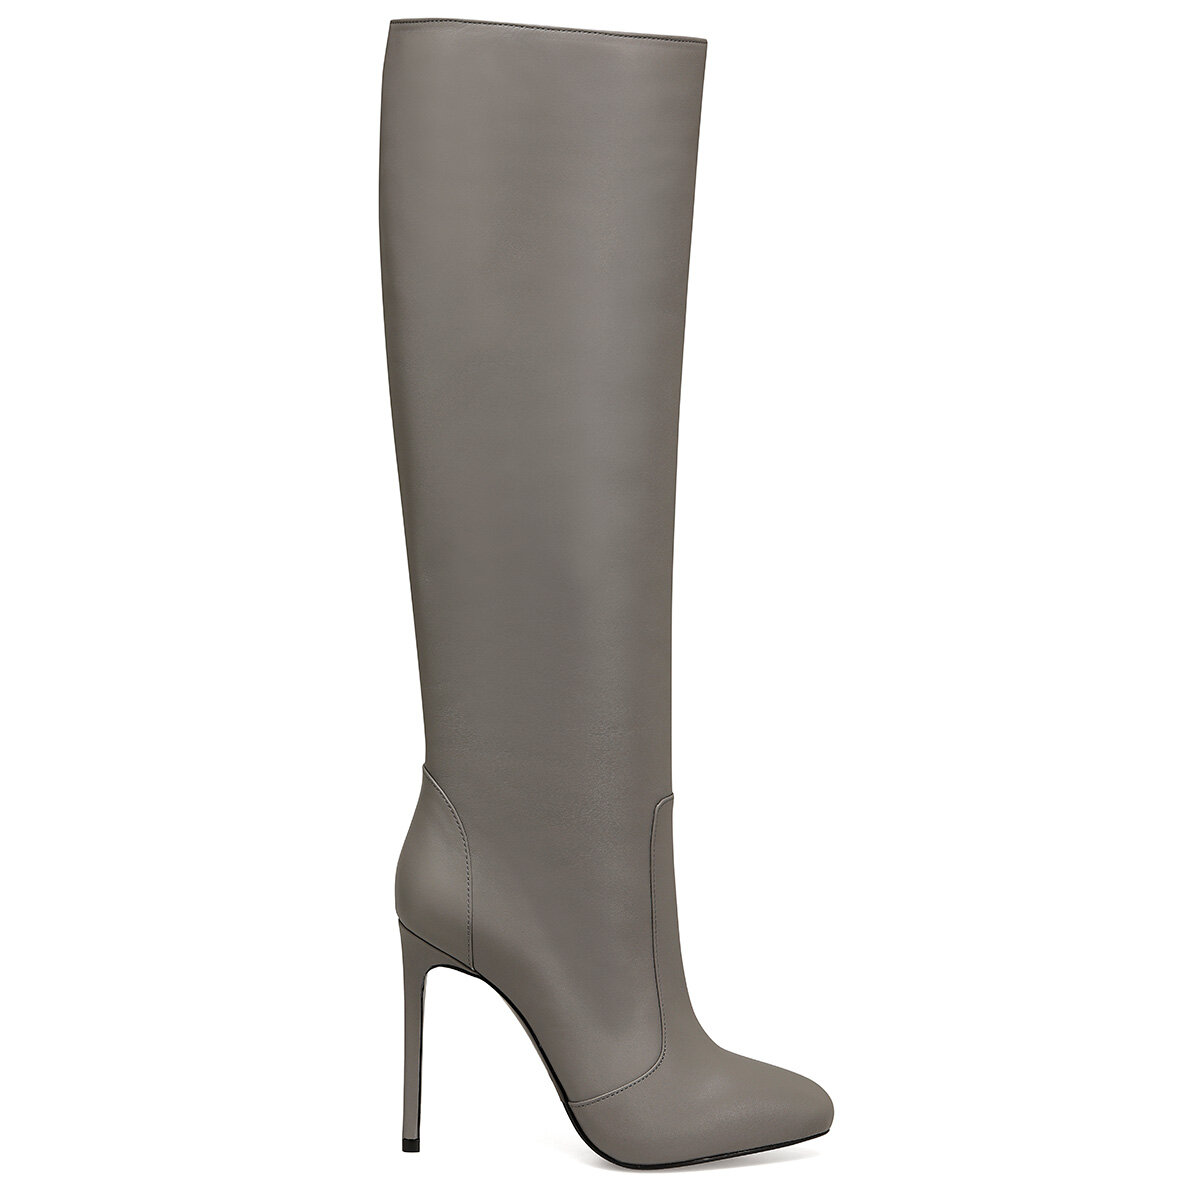 TANA Gri Kadın Topuklu Çizme